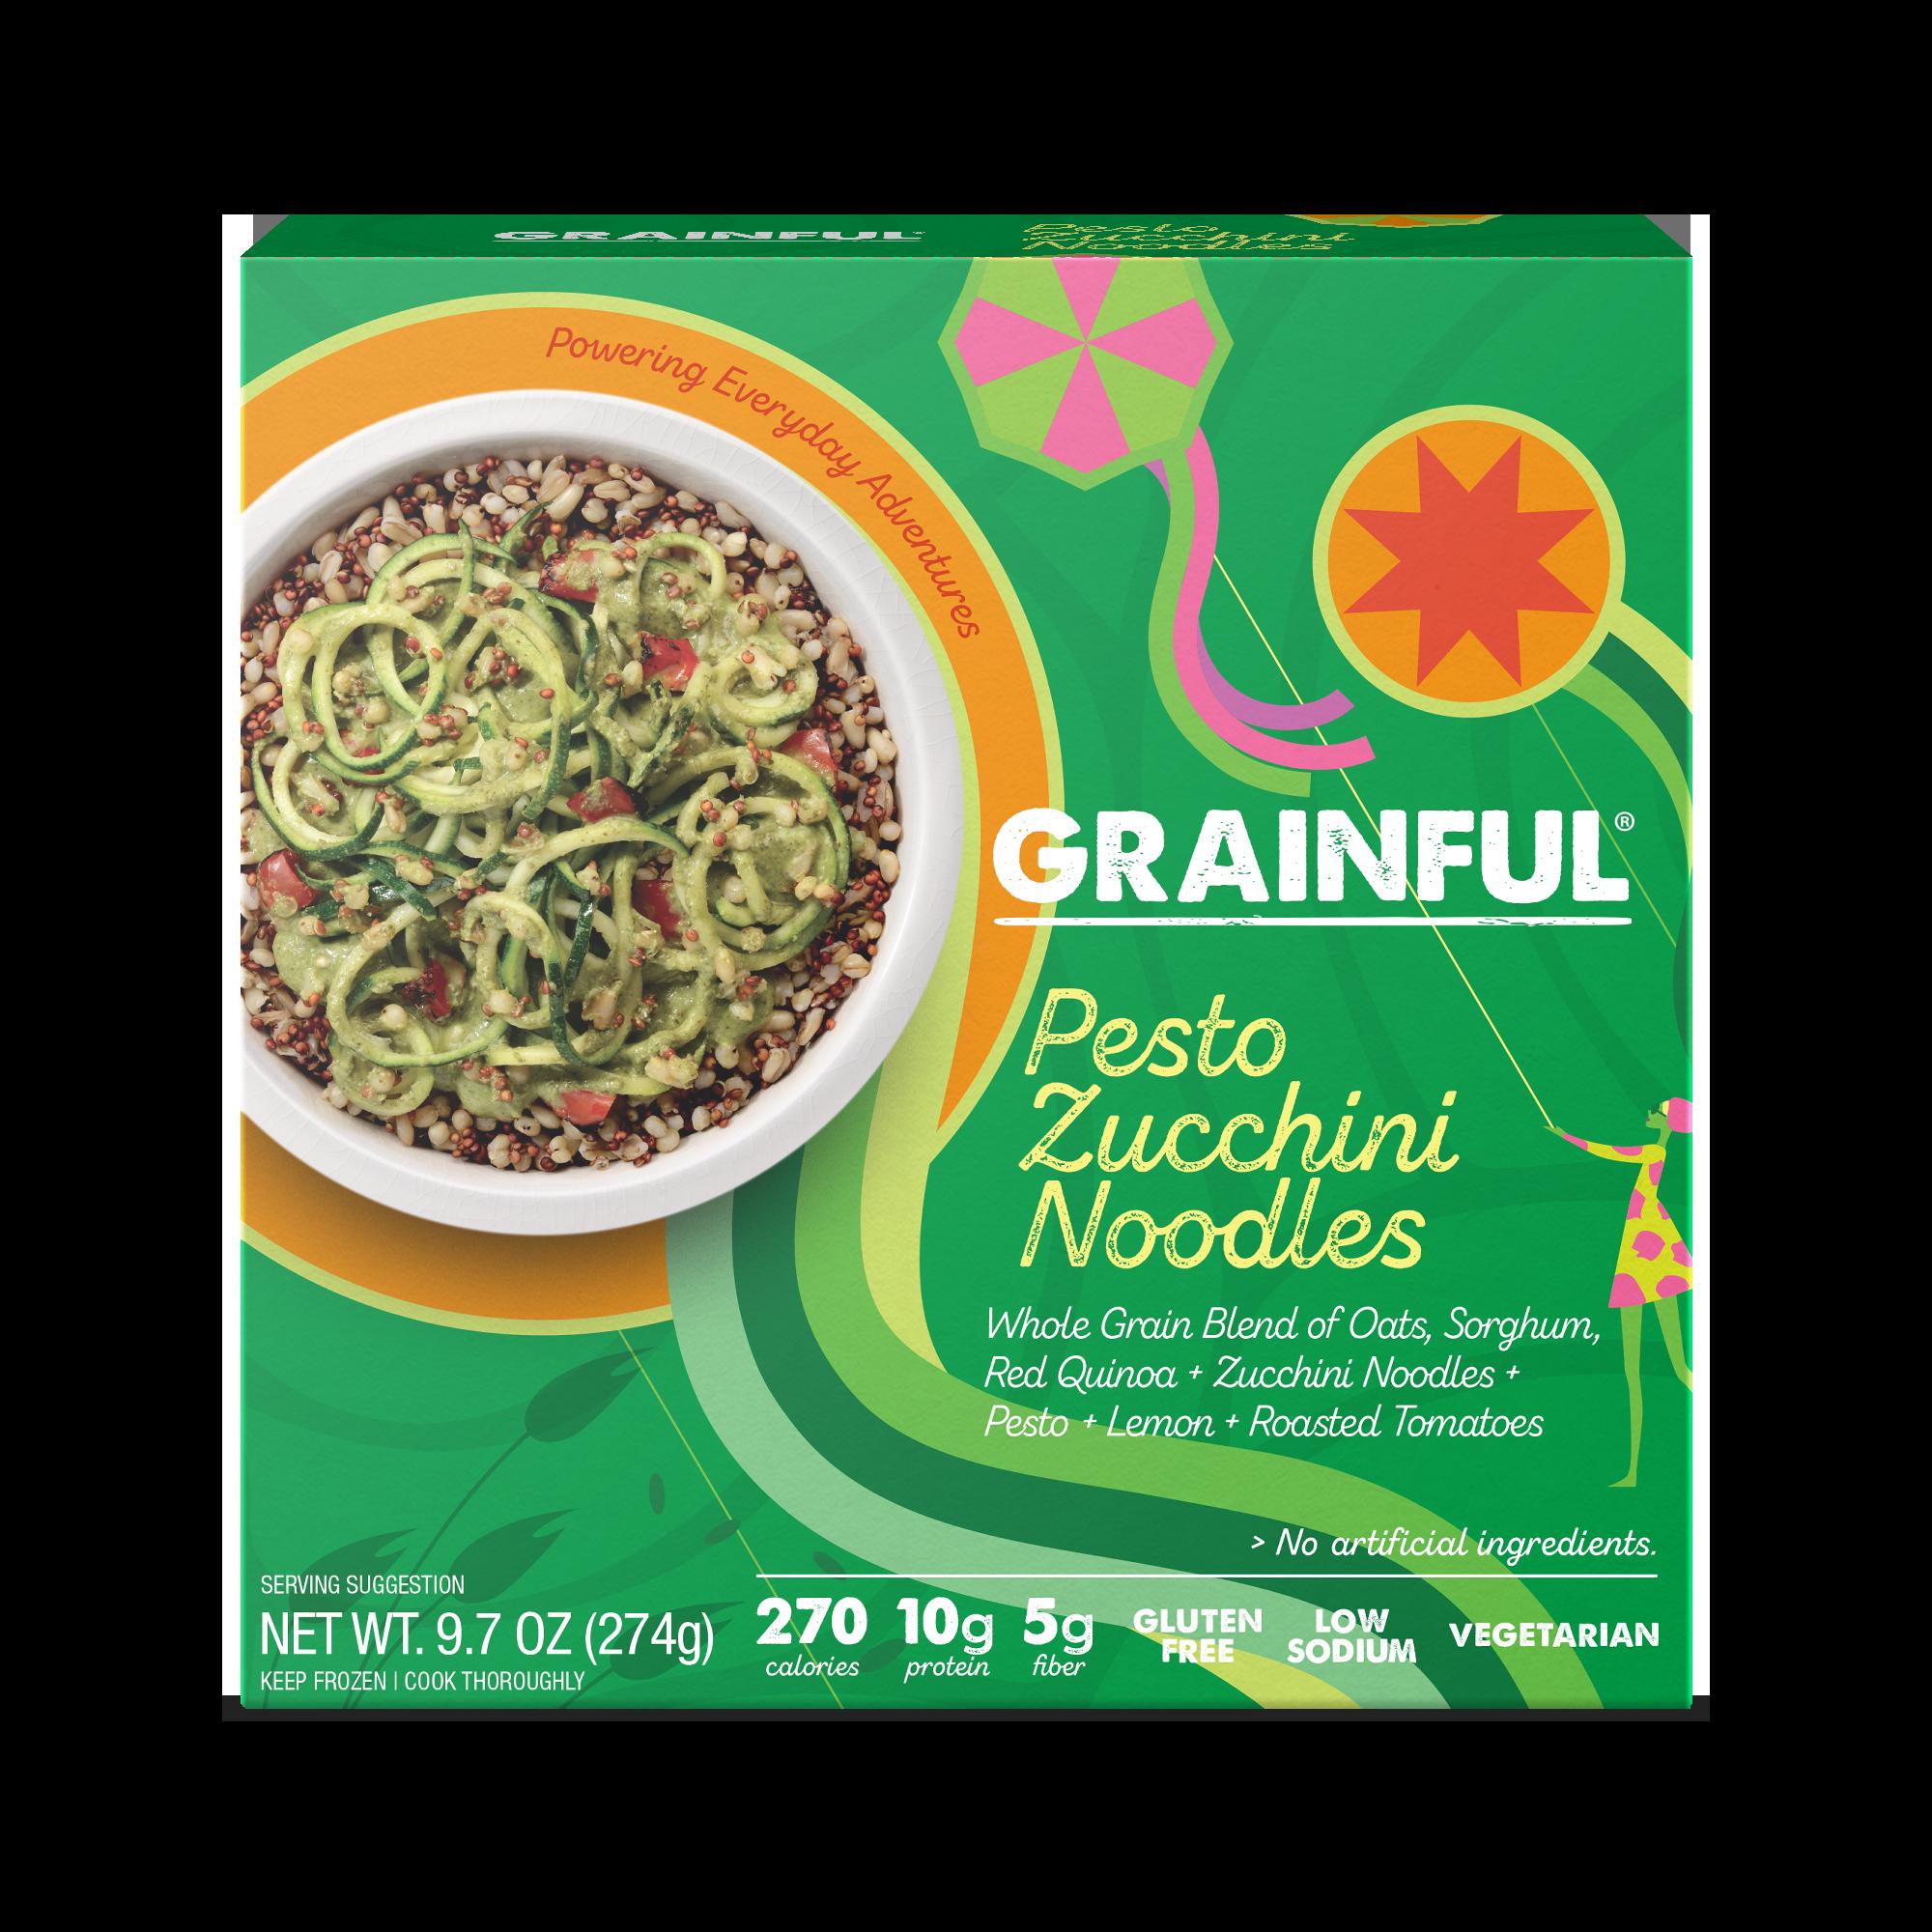 Grainful Target 3D Mockup_v1_Pesto Zucchini Noodles.png